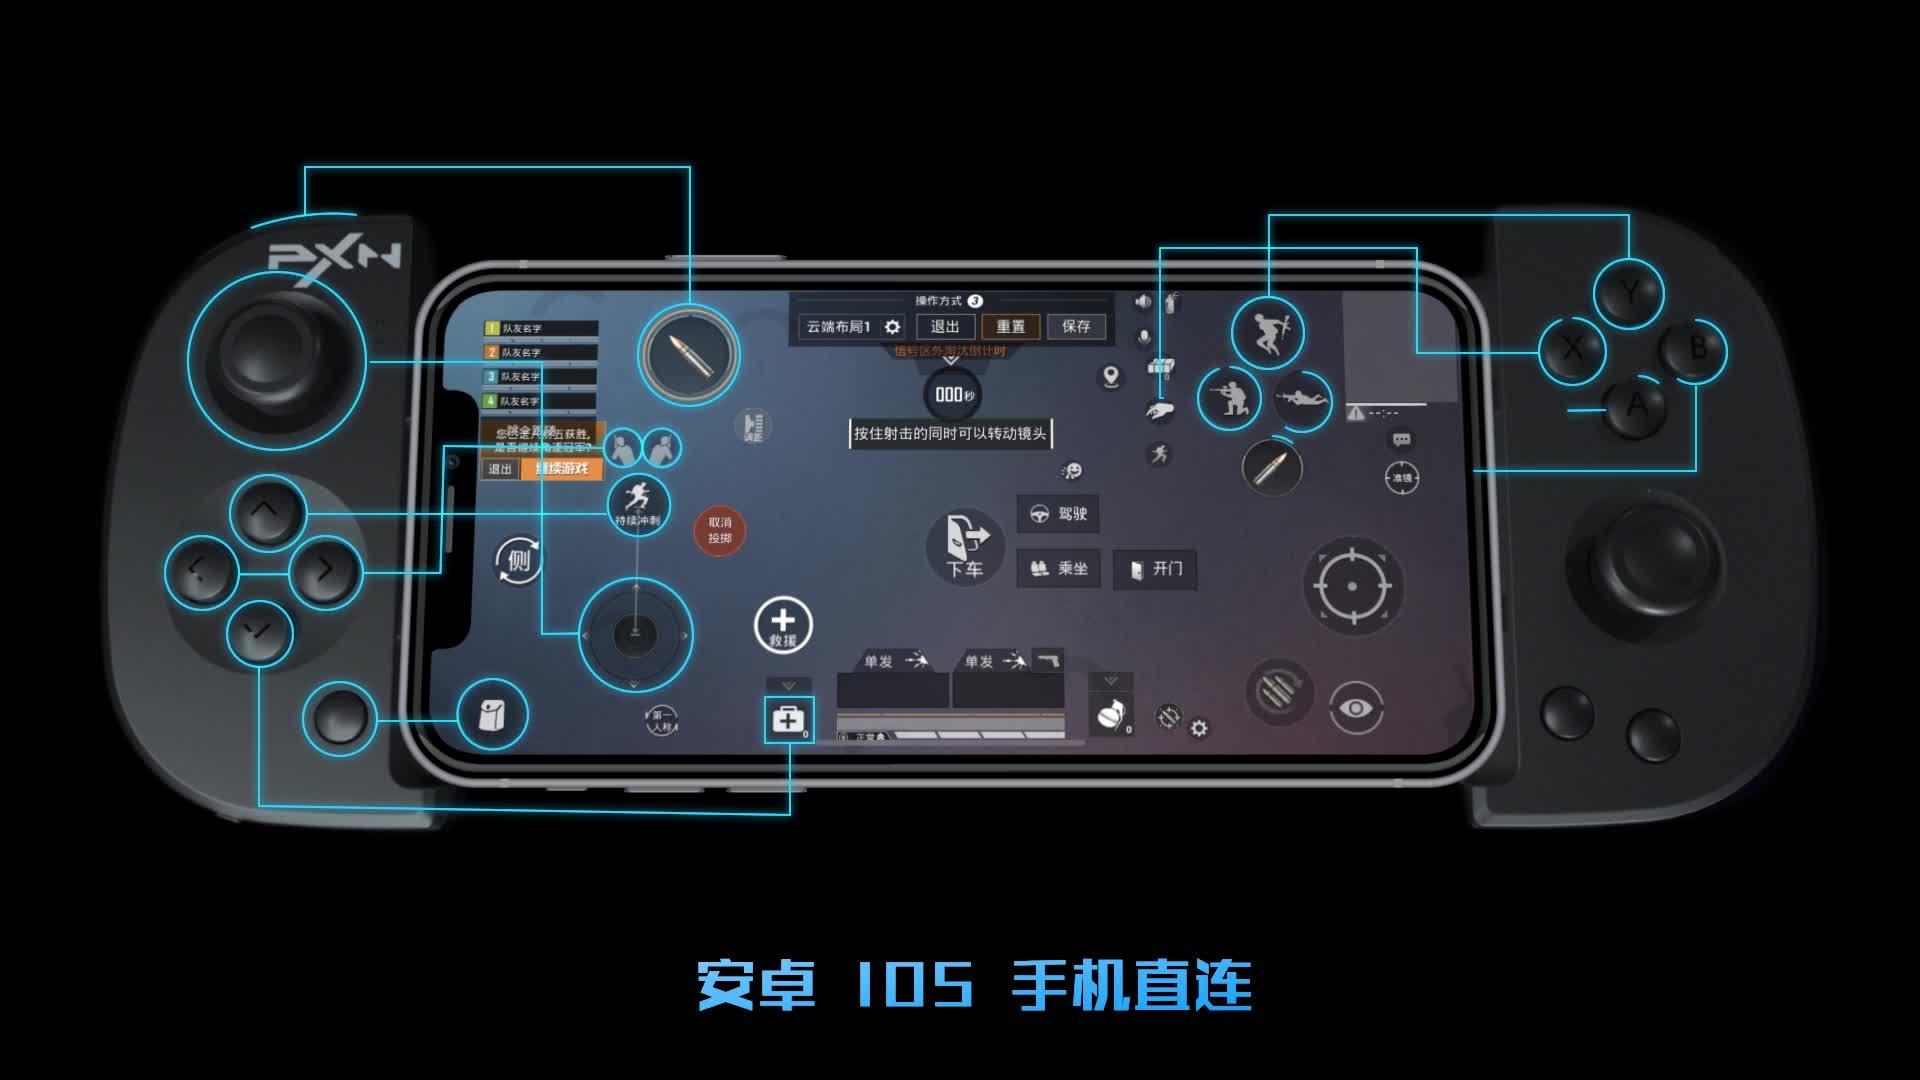 PXN P30S ยอดนิยมยอดนิยมโทรศัพท์มือถือเกมคอนโทรลเลอร์สำหรับ PUBG,สีขาวทนทานทริกเกอร์สำหรับ iOS Android